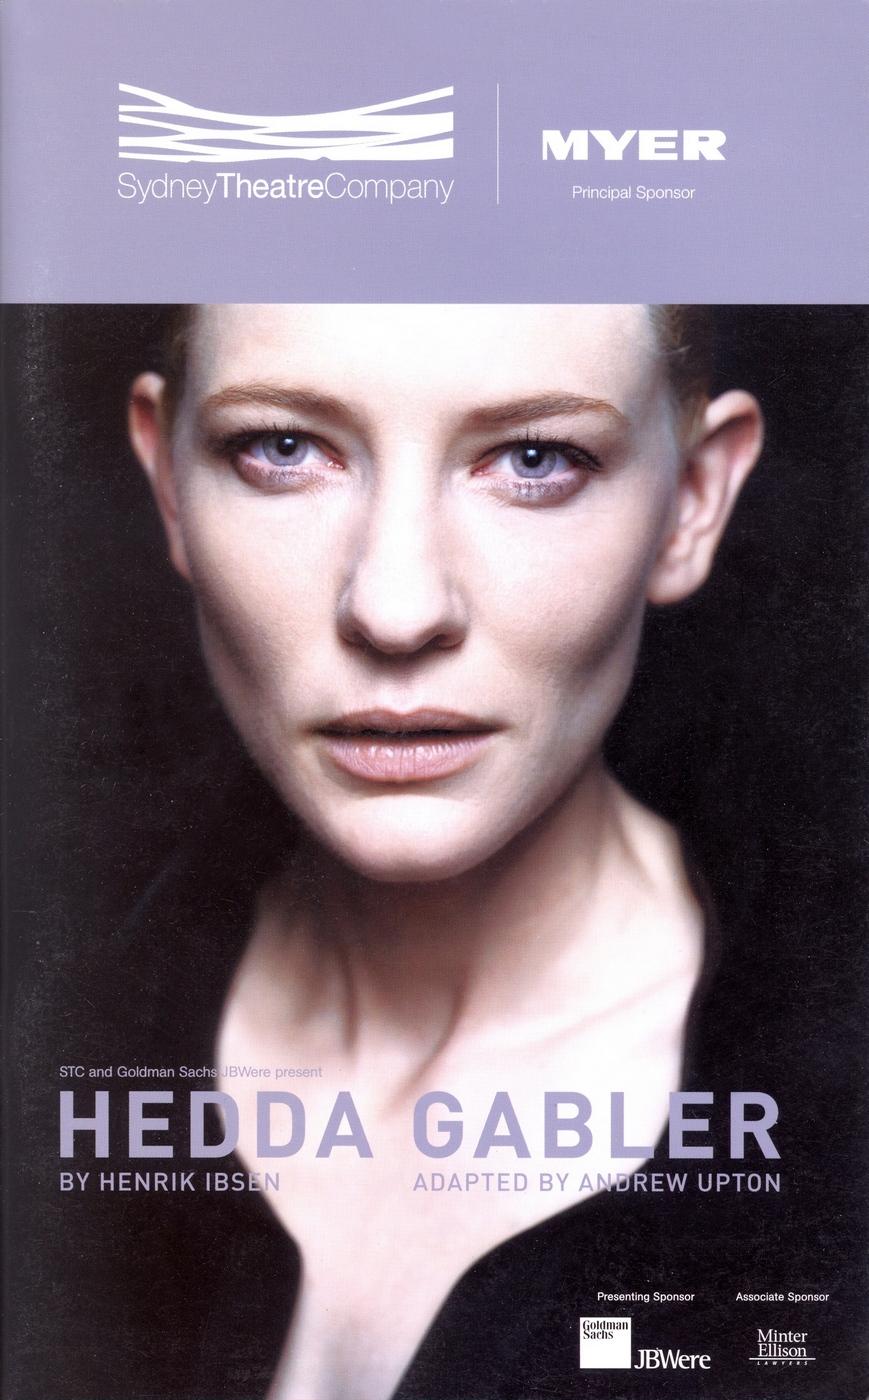 HeddaGablerSTC2004_Cover